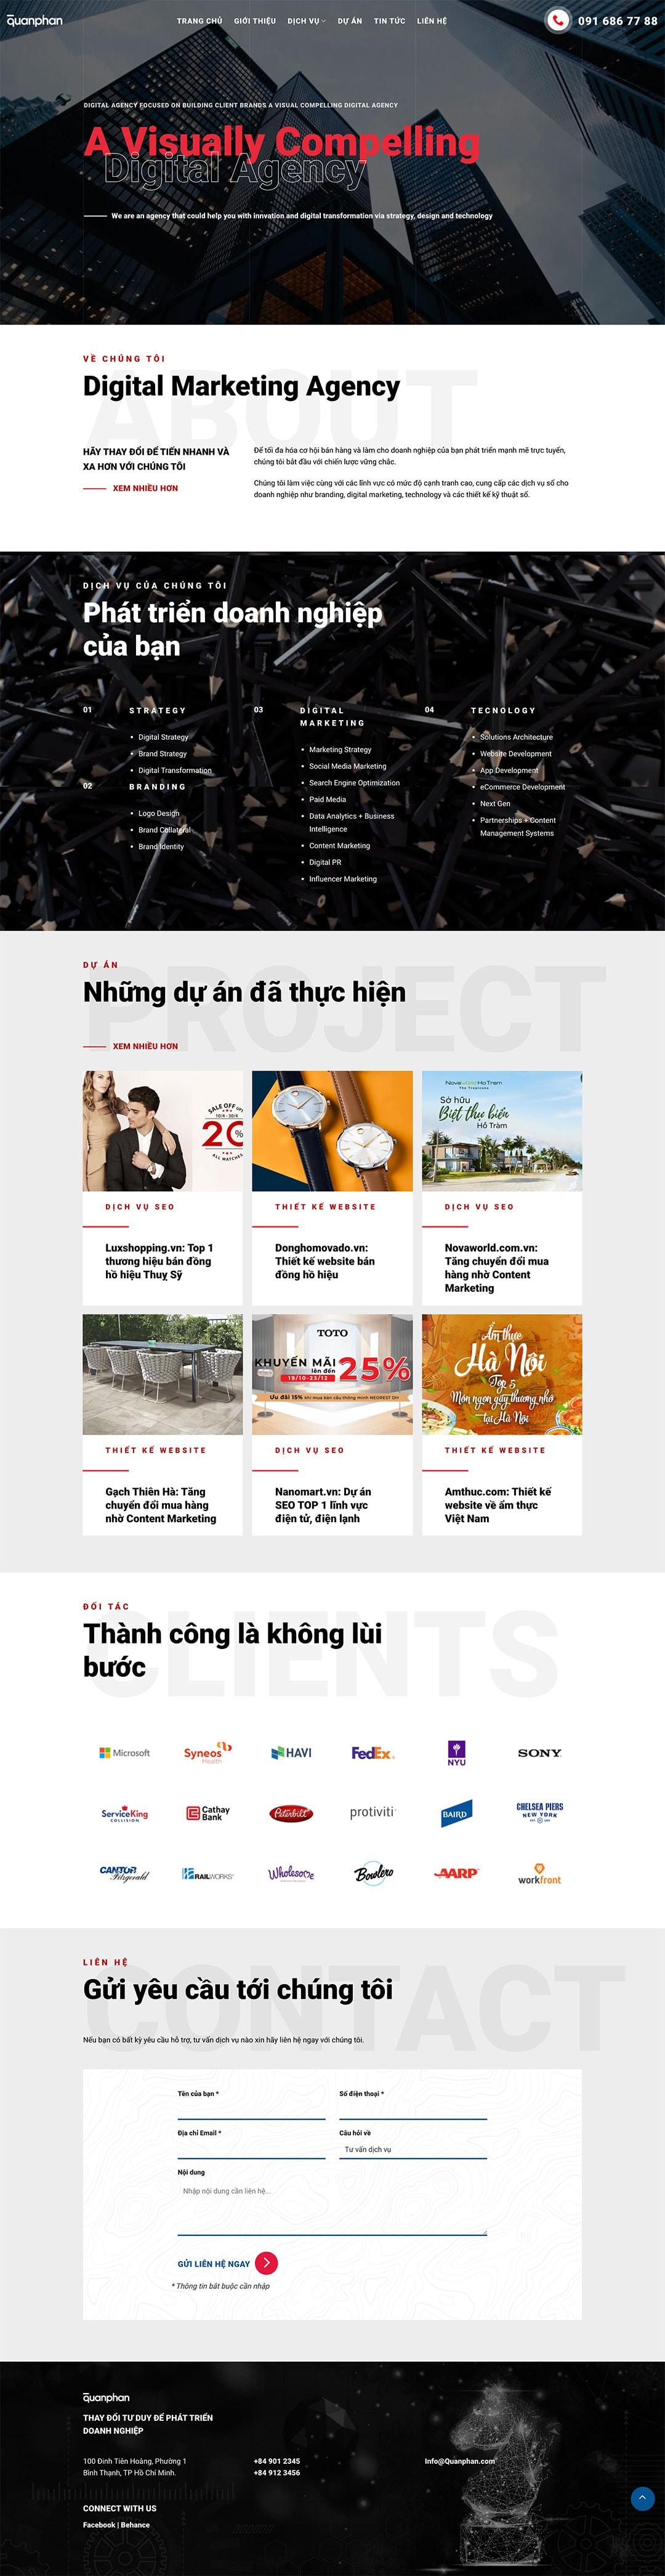 demo thiet ke website dich vu digital marketing